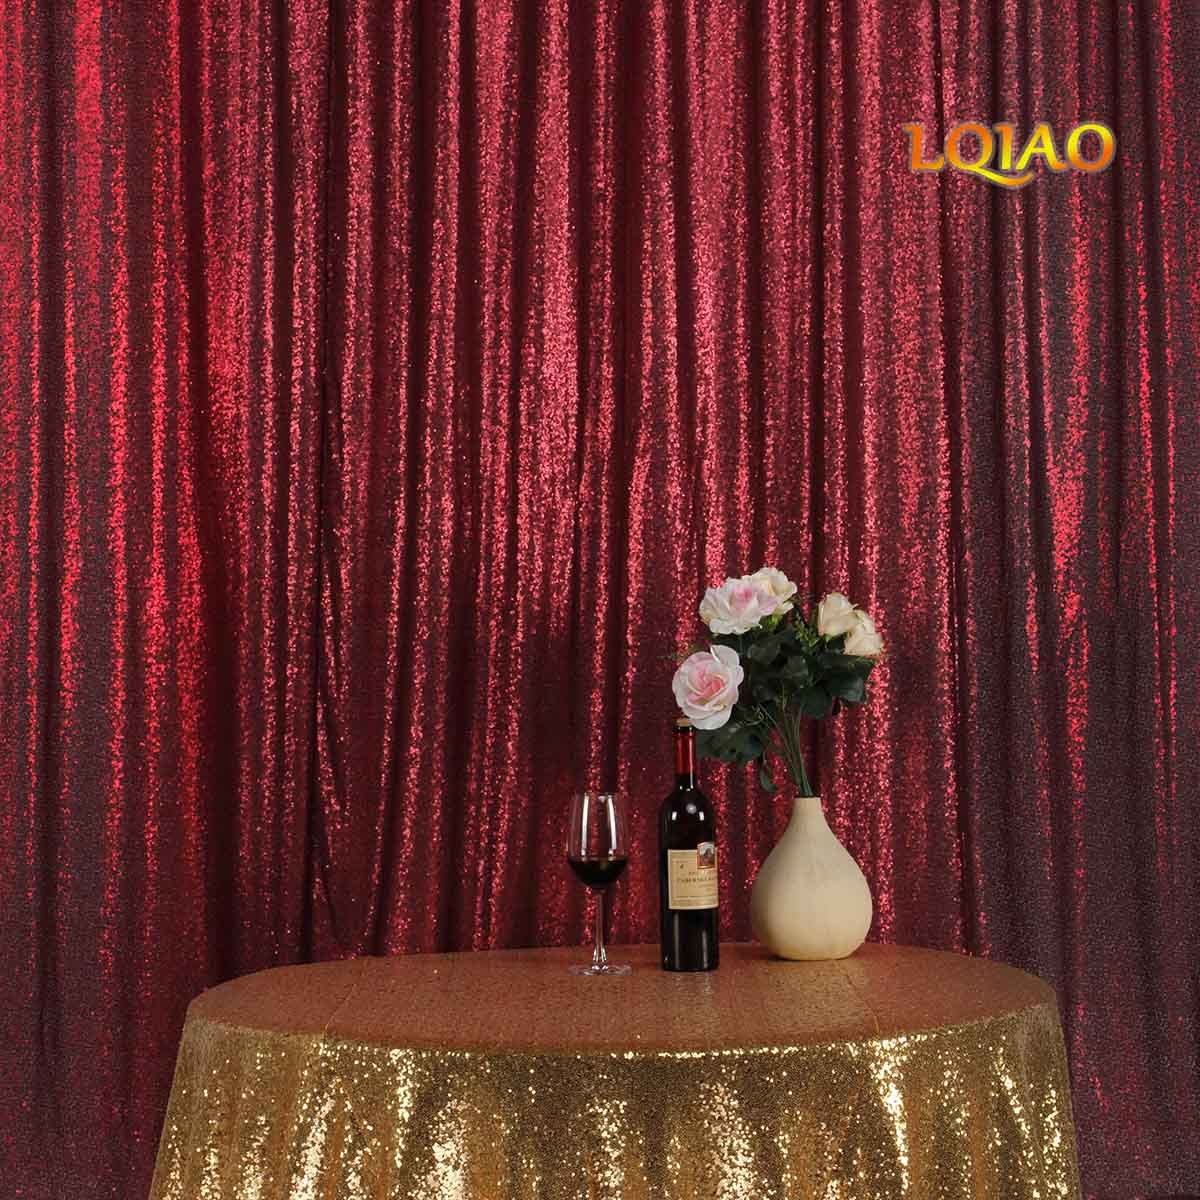 LQIAO 10x10フィート バーガンディ スパンコール 写真 背景 スパンコール 結婚式/パーティー/ホーム/ベビーシャワー/誕生日装飾用   B07GPJ6GJK